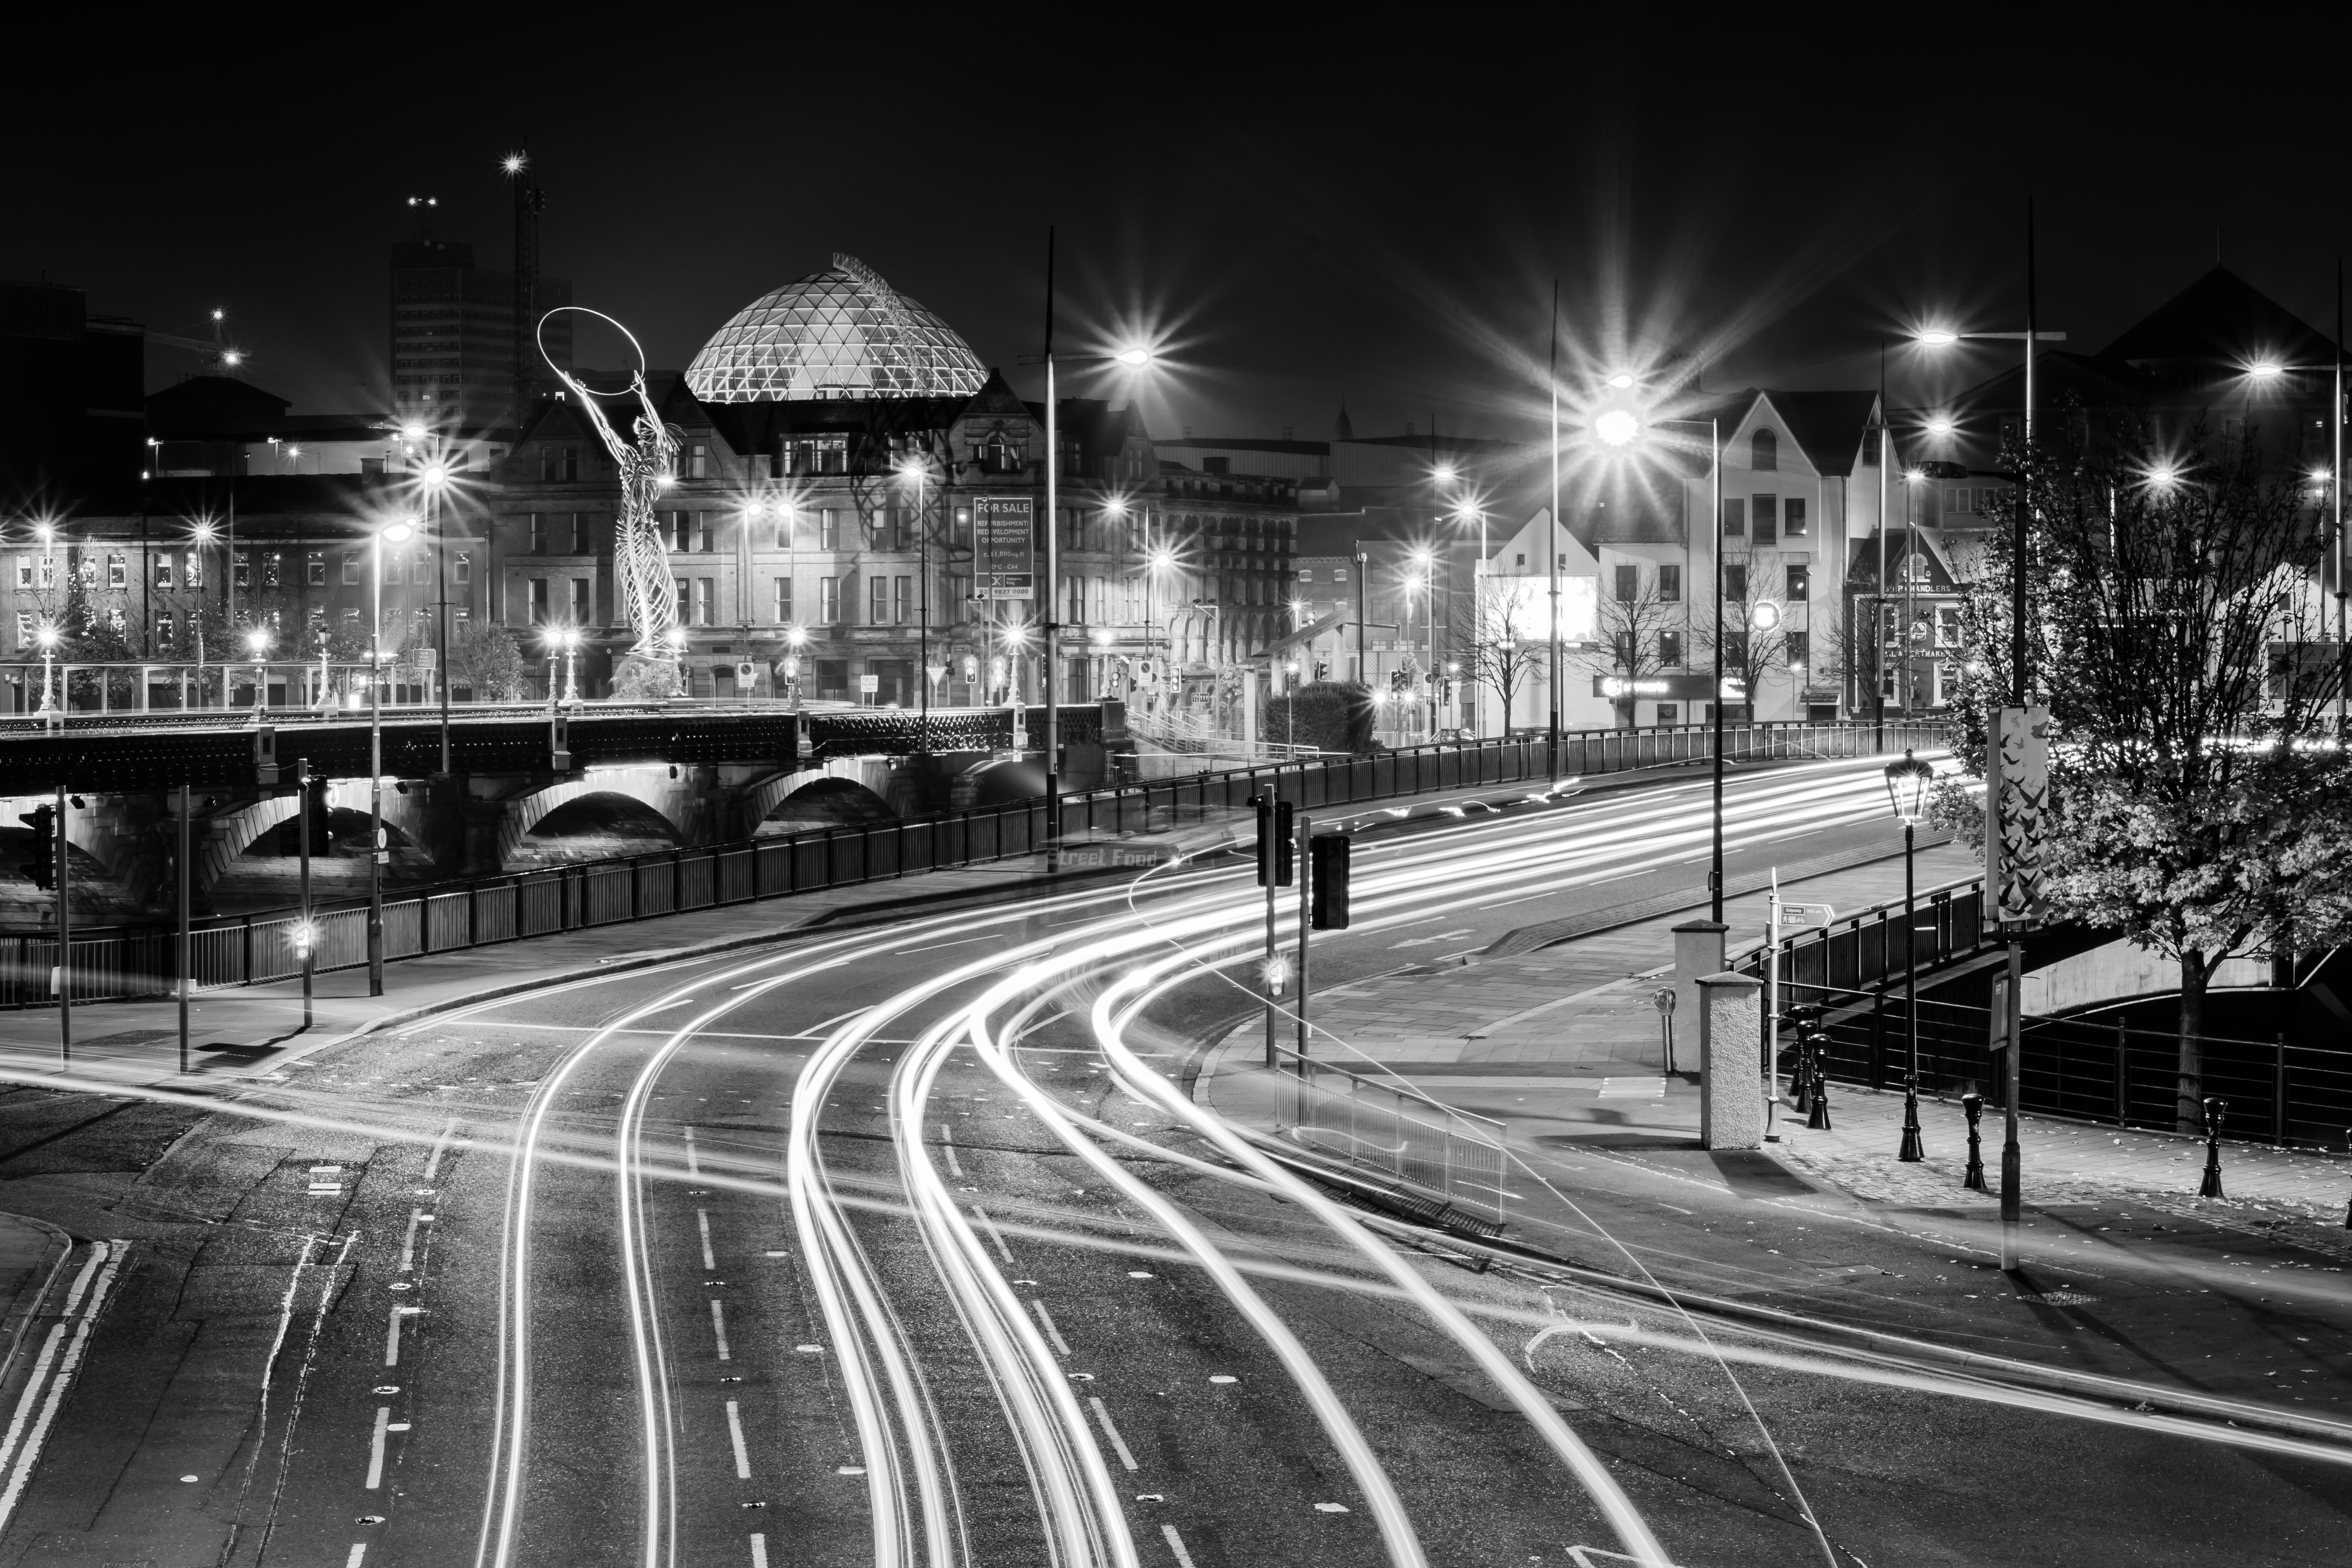 Dark Streets Bright Lights - REF:72